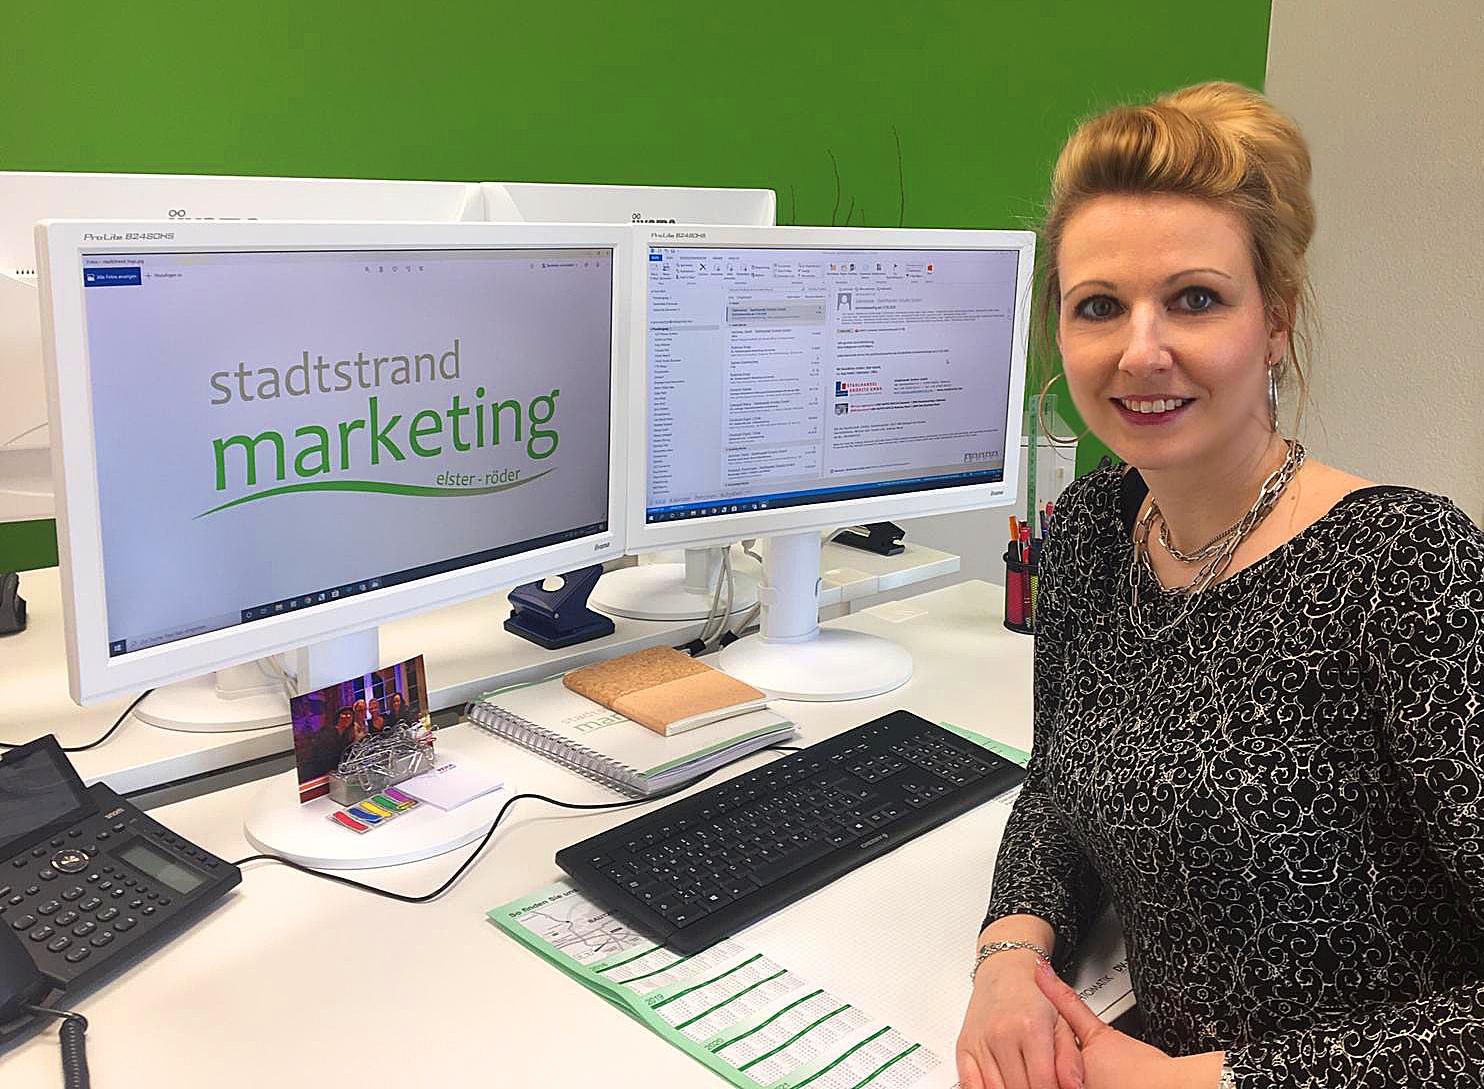 Sabine Greschuchna - Geschäftsführerin der Online-Marketing Agentur stadtstrand marketing